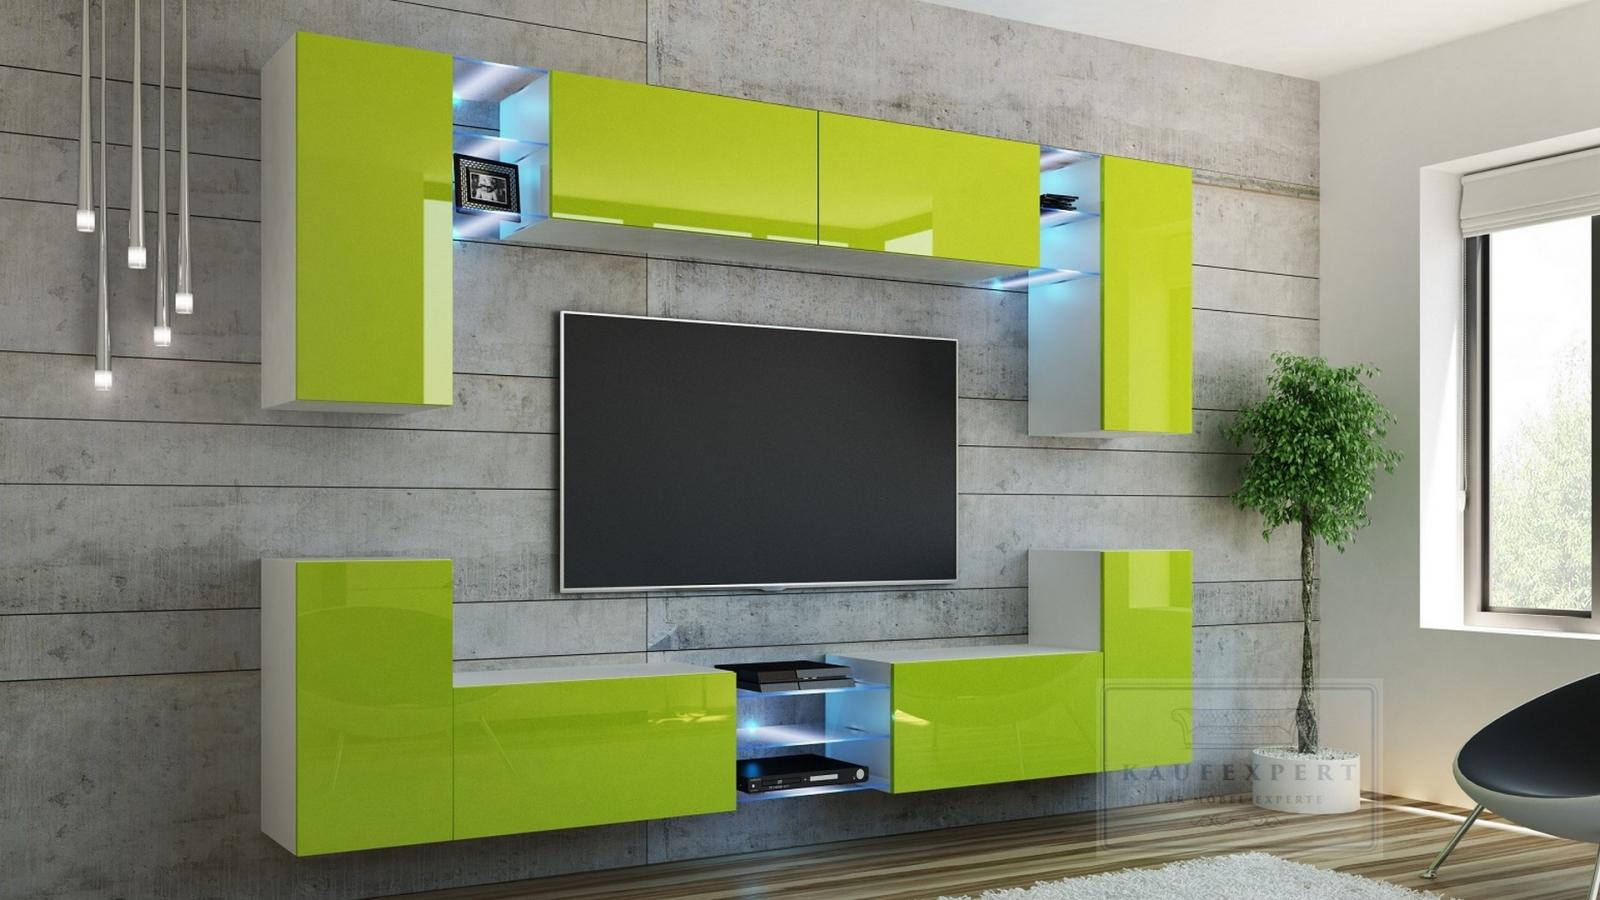 Cool Good Good Wohnwand Galaxy Lime Hochglanz Wei Mediawand Medienwand  Design Modern Led Beleuchtung Mdf Hochglanz Hngewand Hngeschrank Tv Wand  With Tv Wand ...